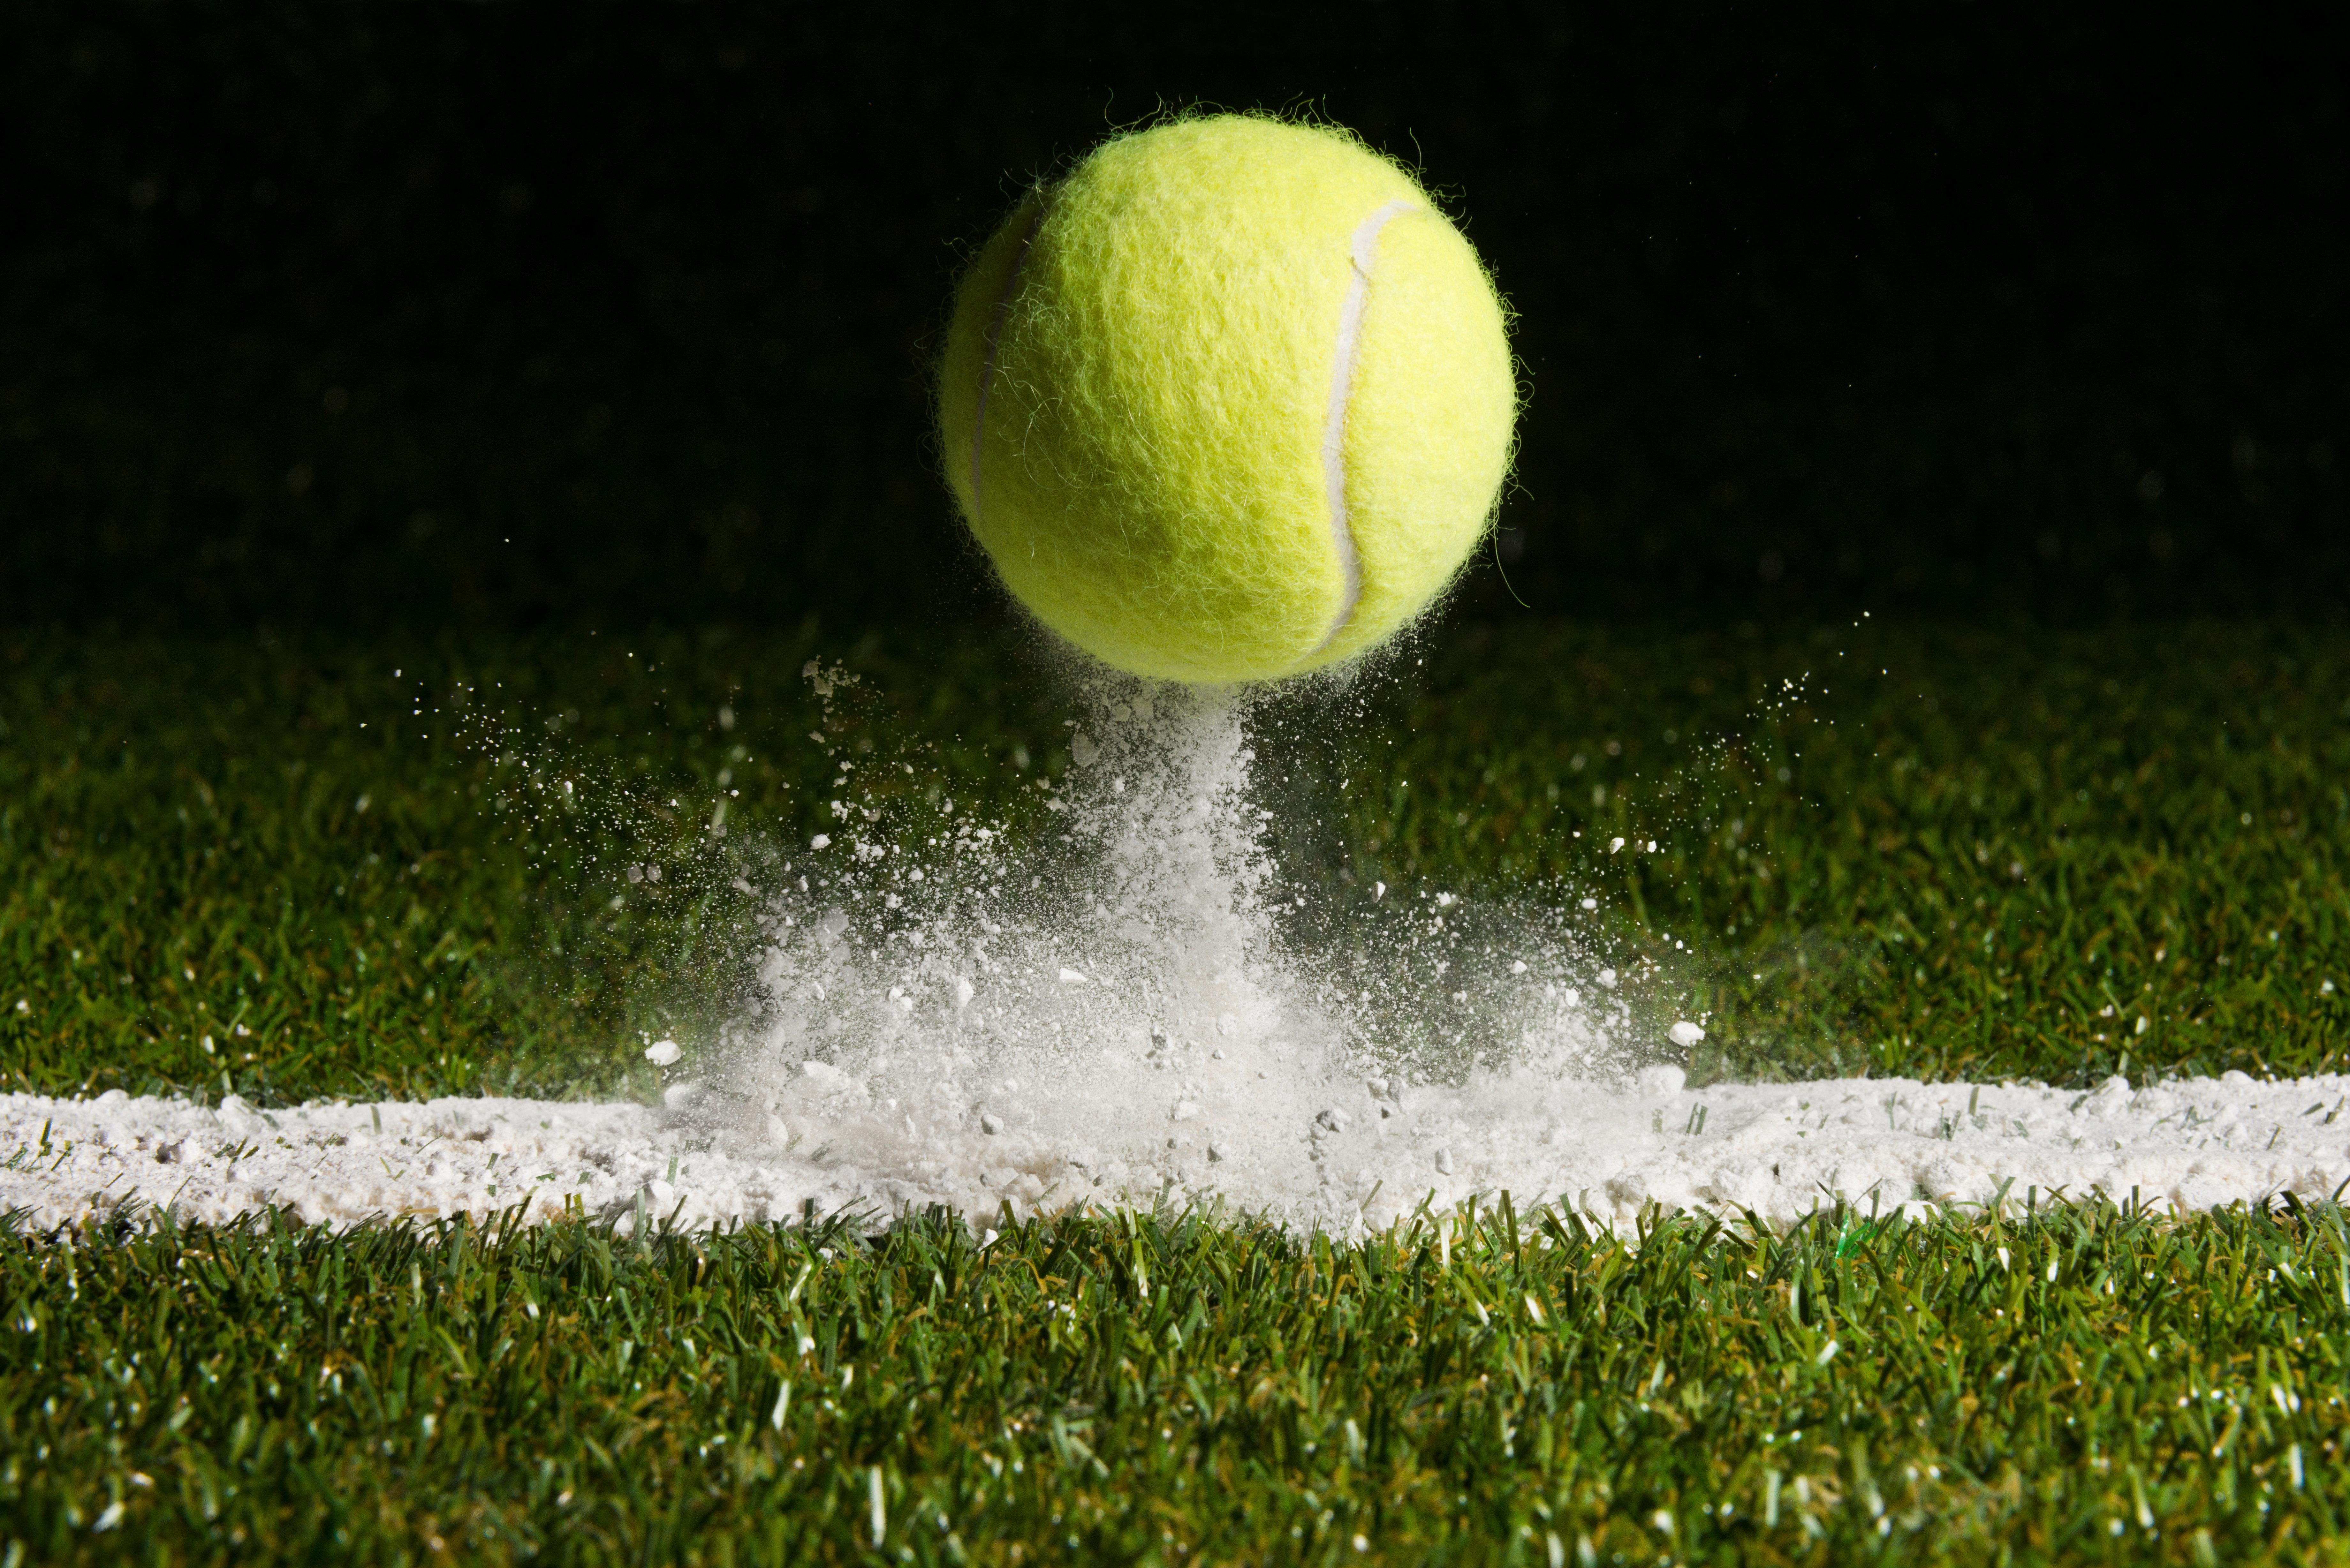 Περίεργη έκρηξη στο Tennis Club στο Μαρούσι - Έρευνα της